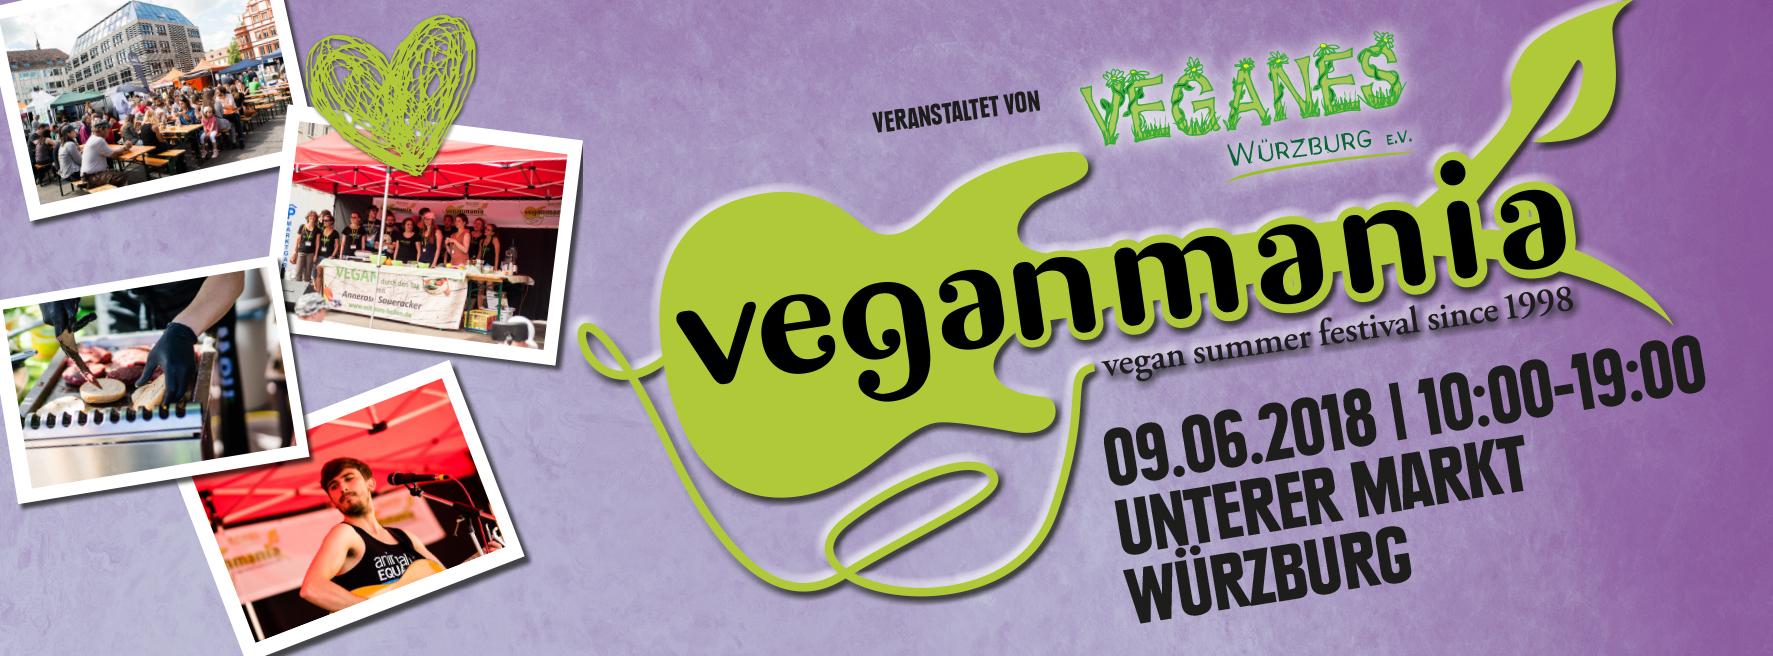 Faire und vegane Schuhe in Würzburg